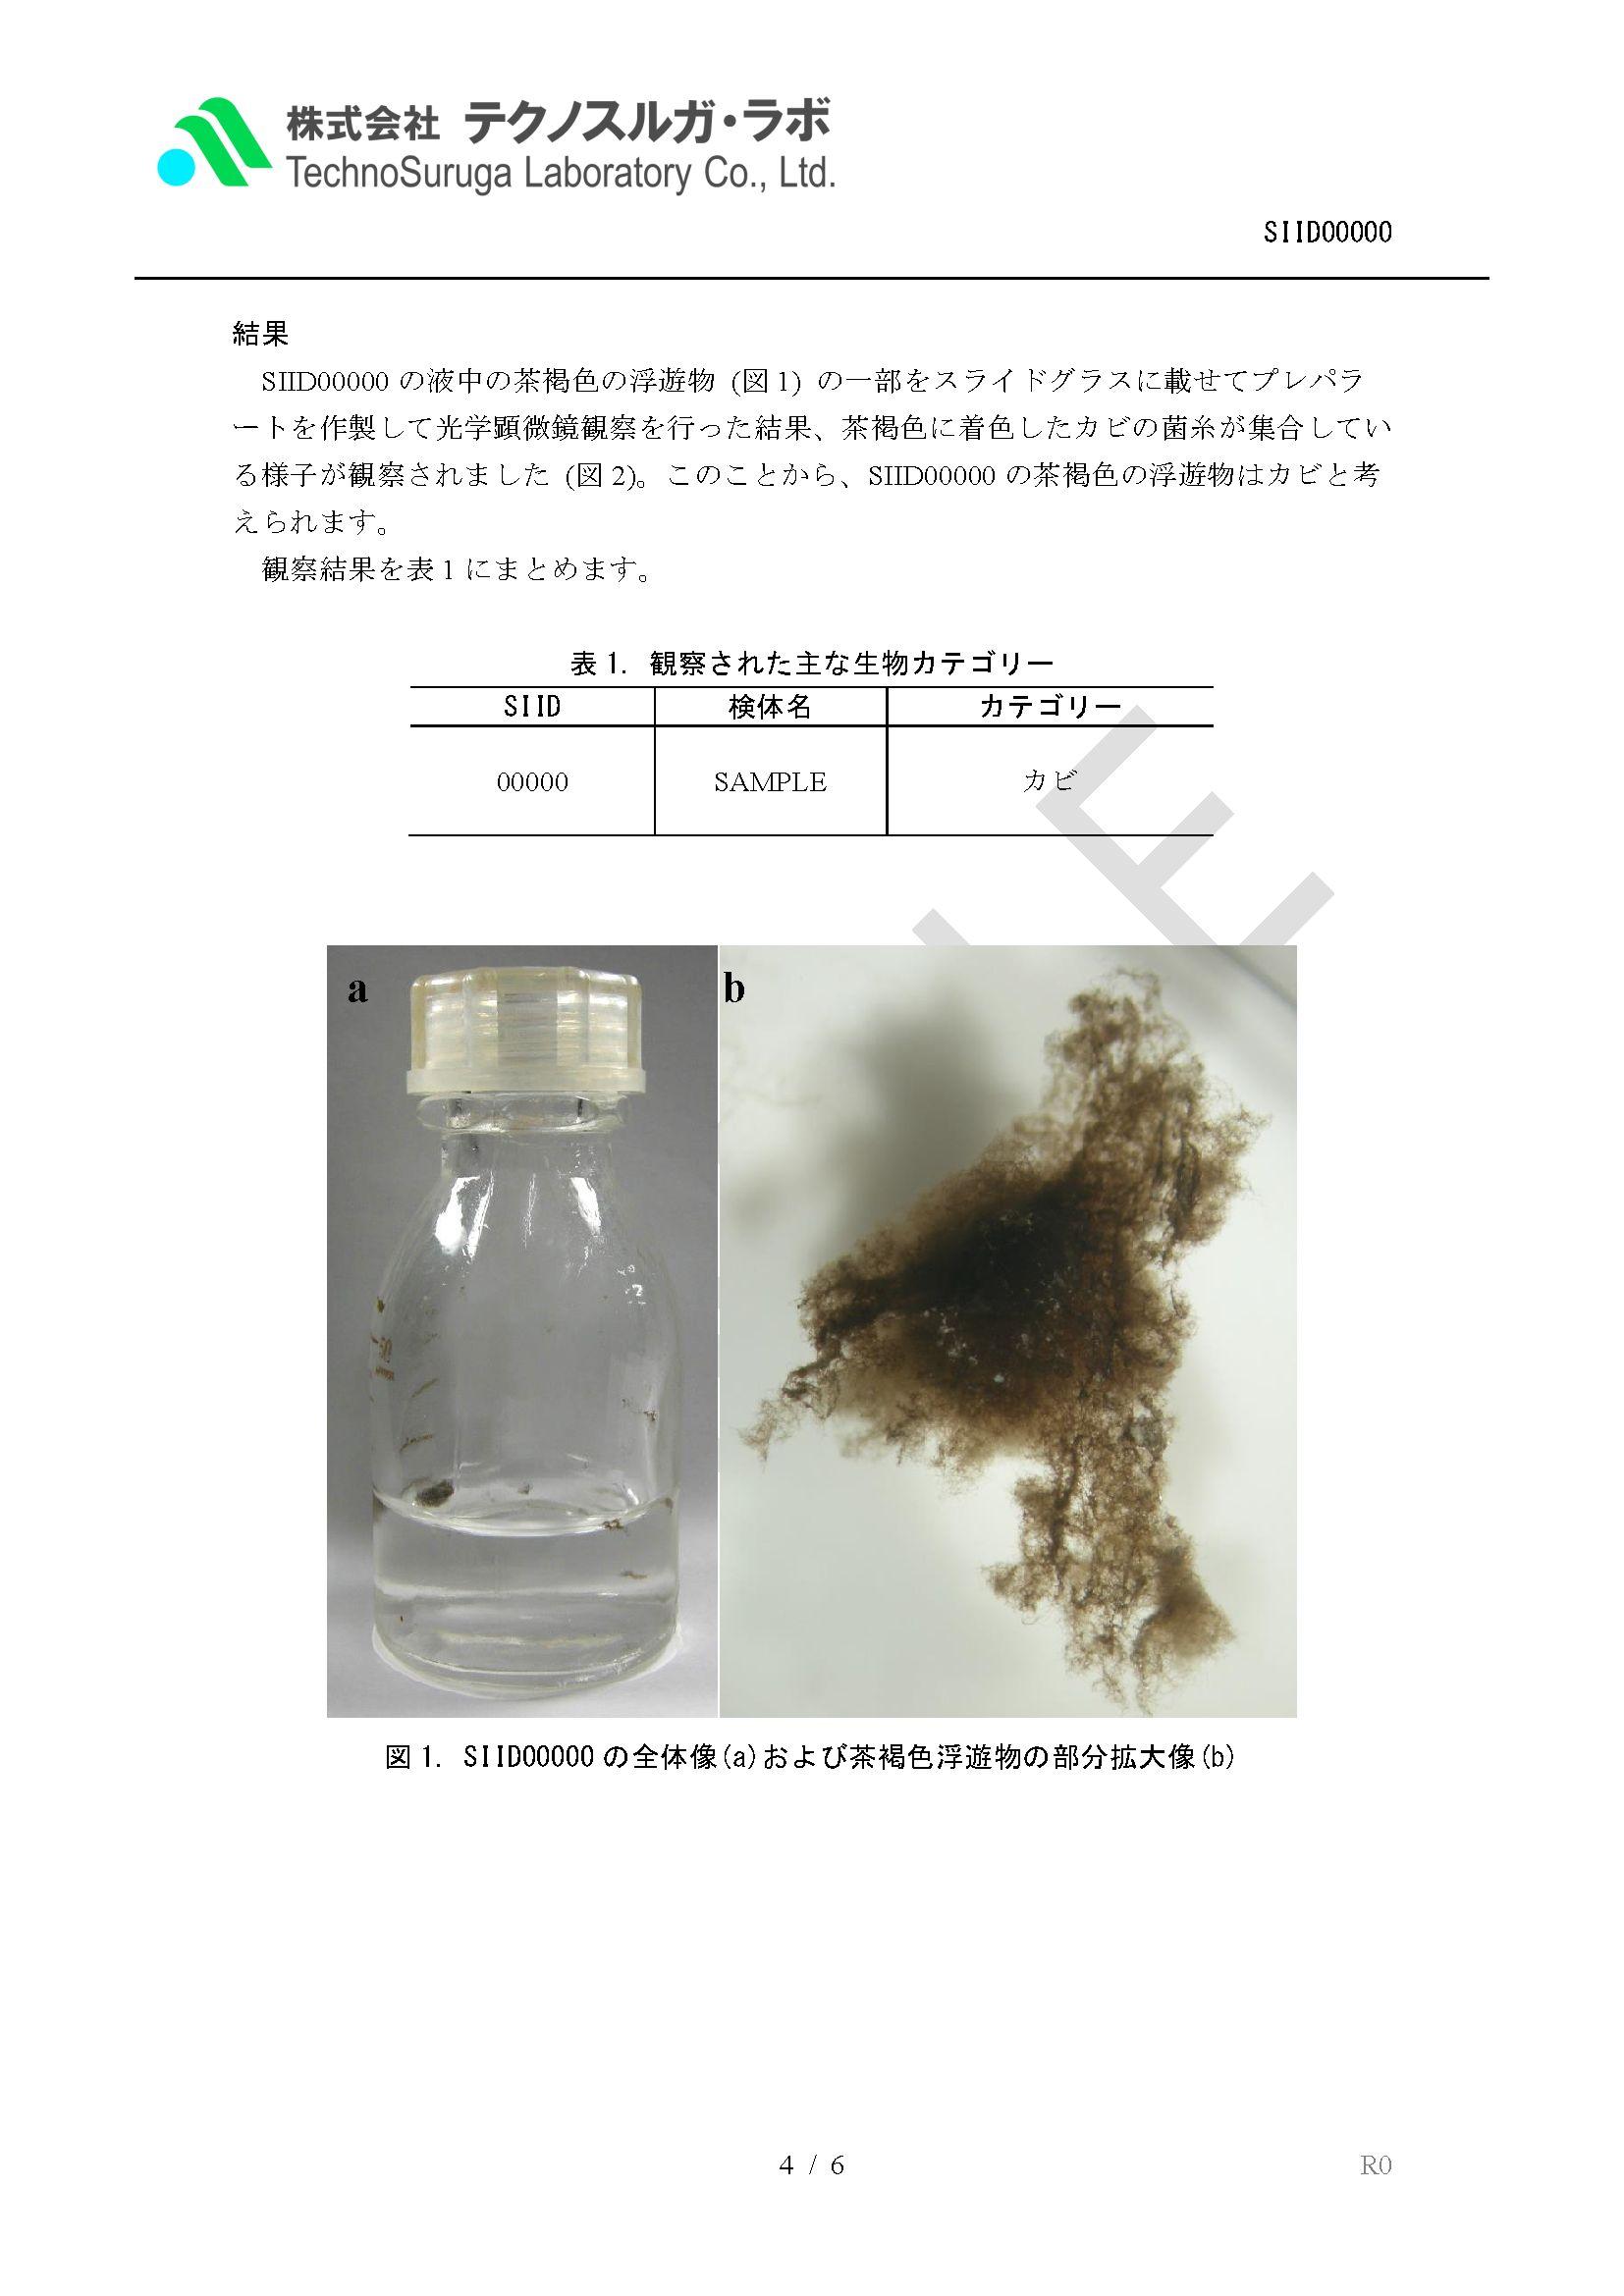 image28_result